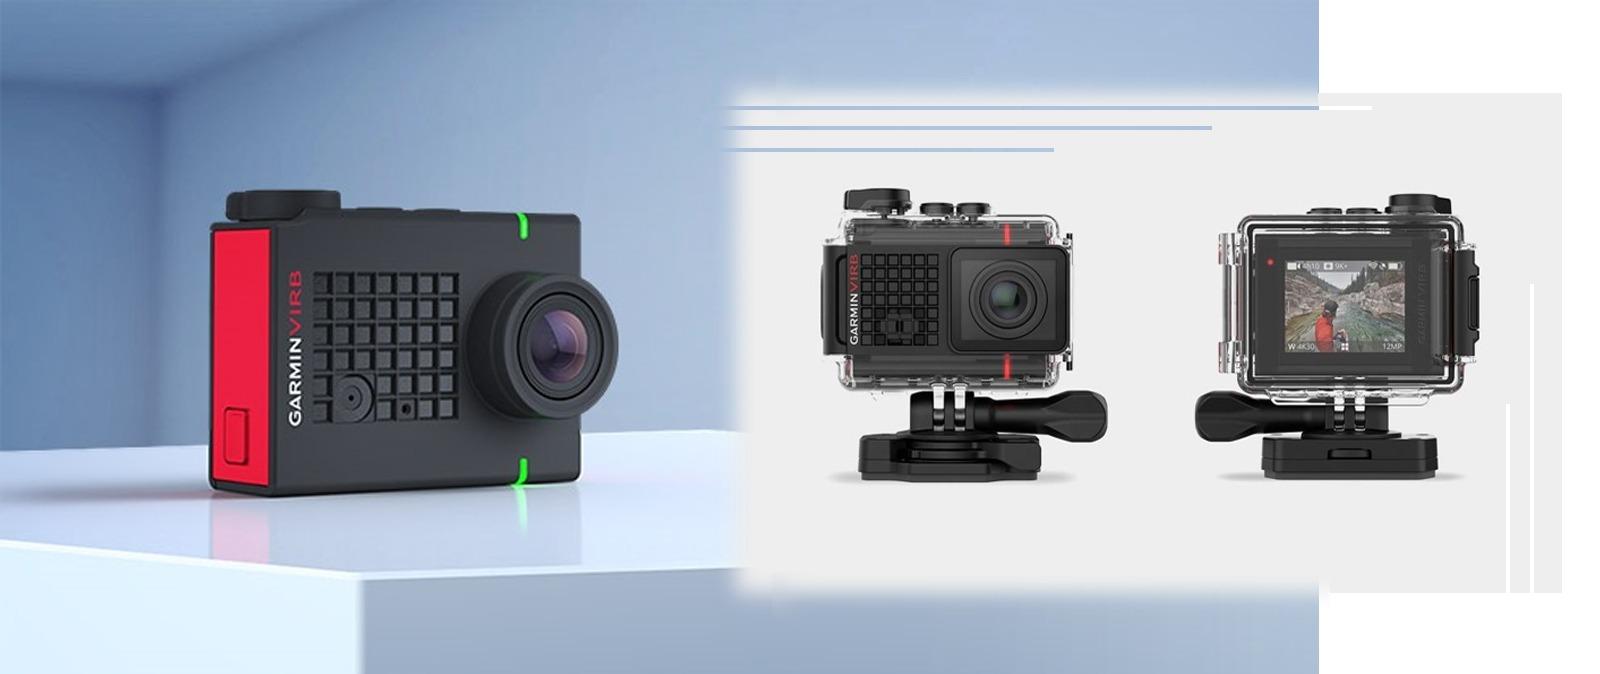 Garmin Virb Ultra 30, grandes prestaciones con resolución 4K